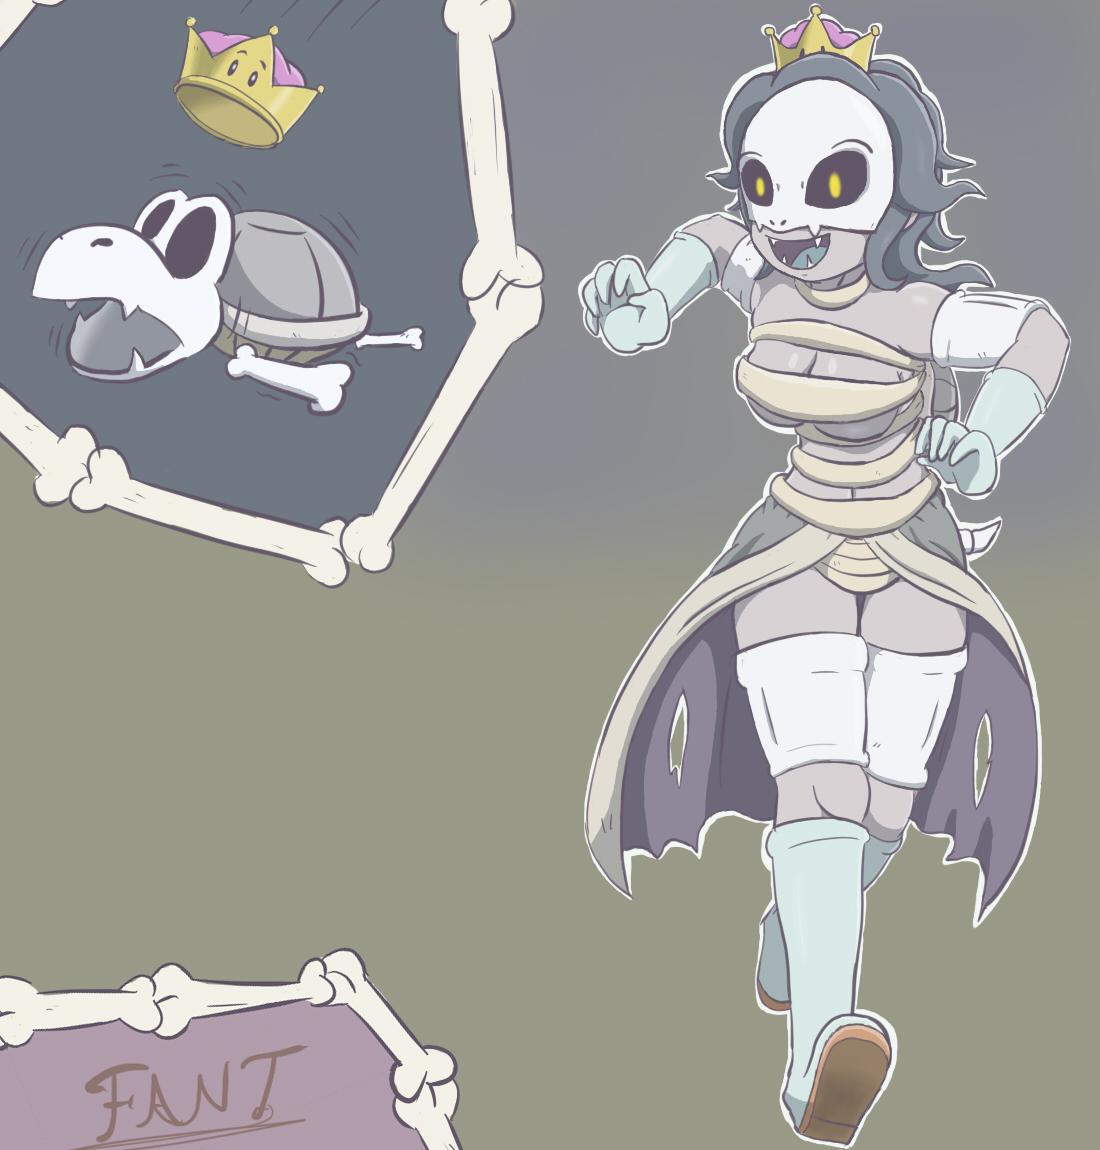 Dry Bonesett or Peachdry Bones, whathever